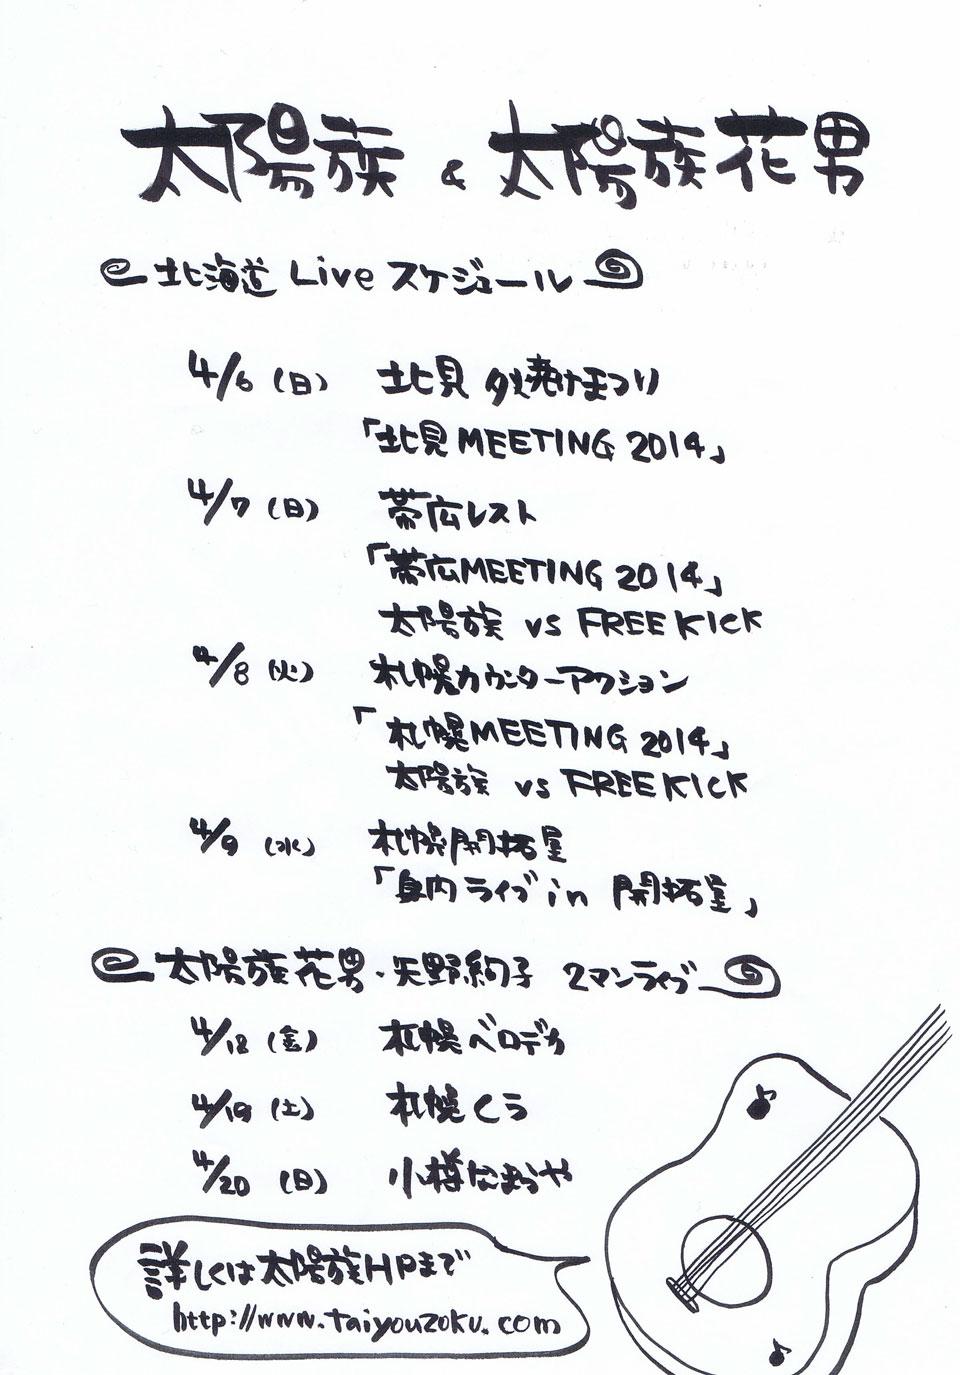 太陽族&太陽族花男北海道ライブスケジュール